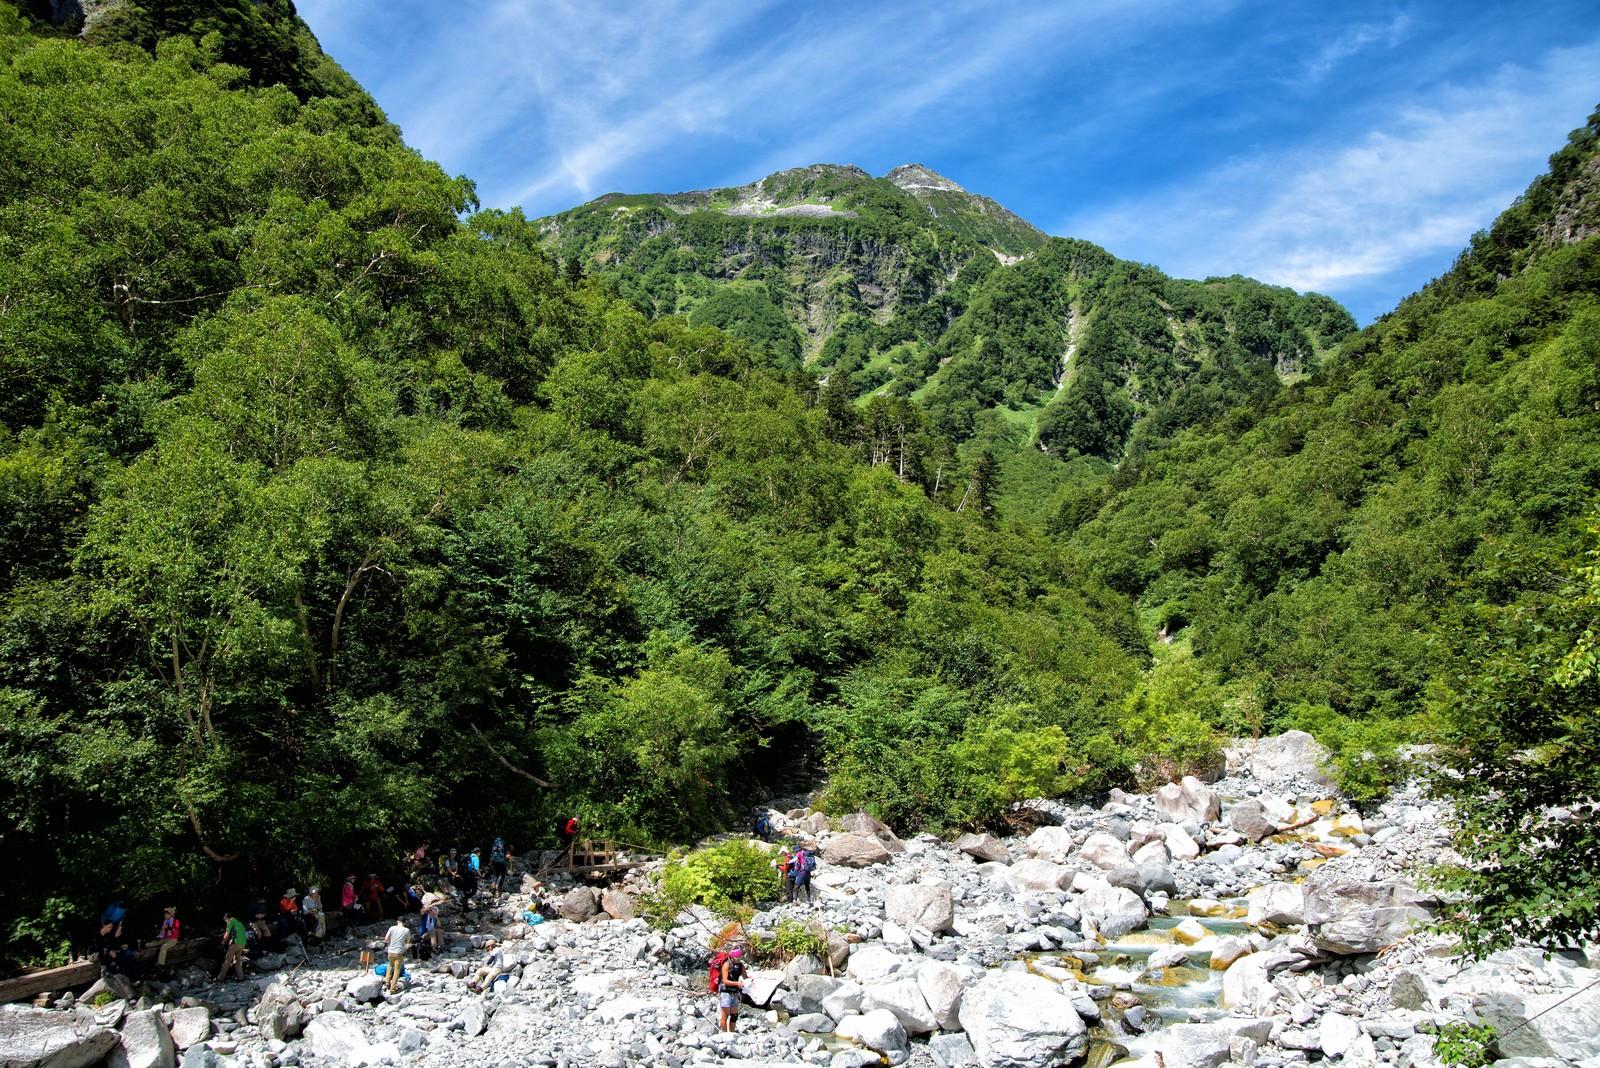 「本谷橋の水場に集まる登山者」の写真